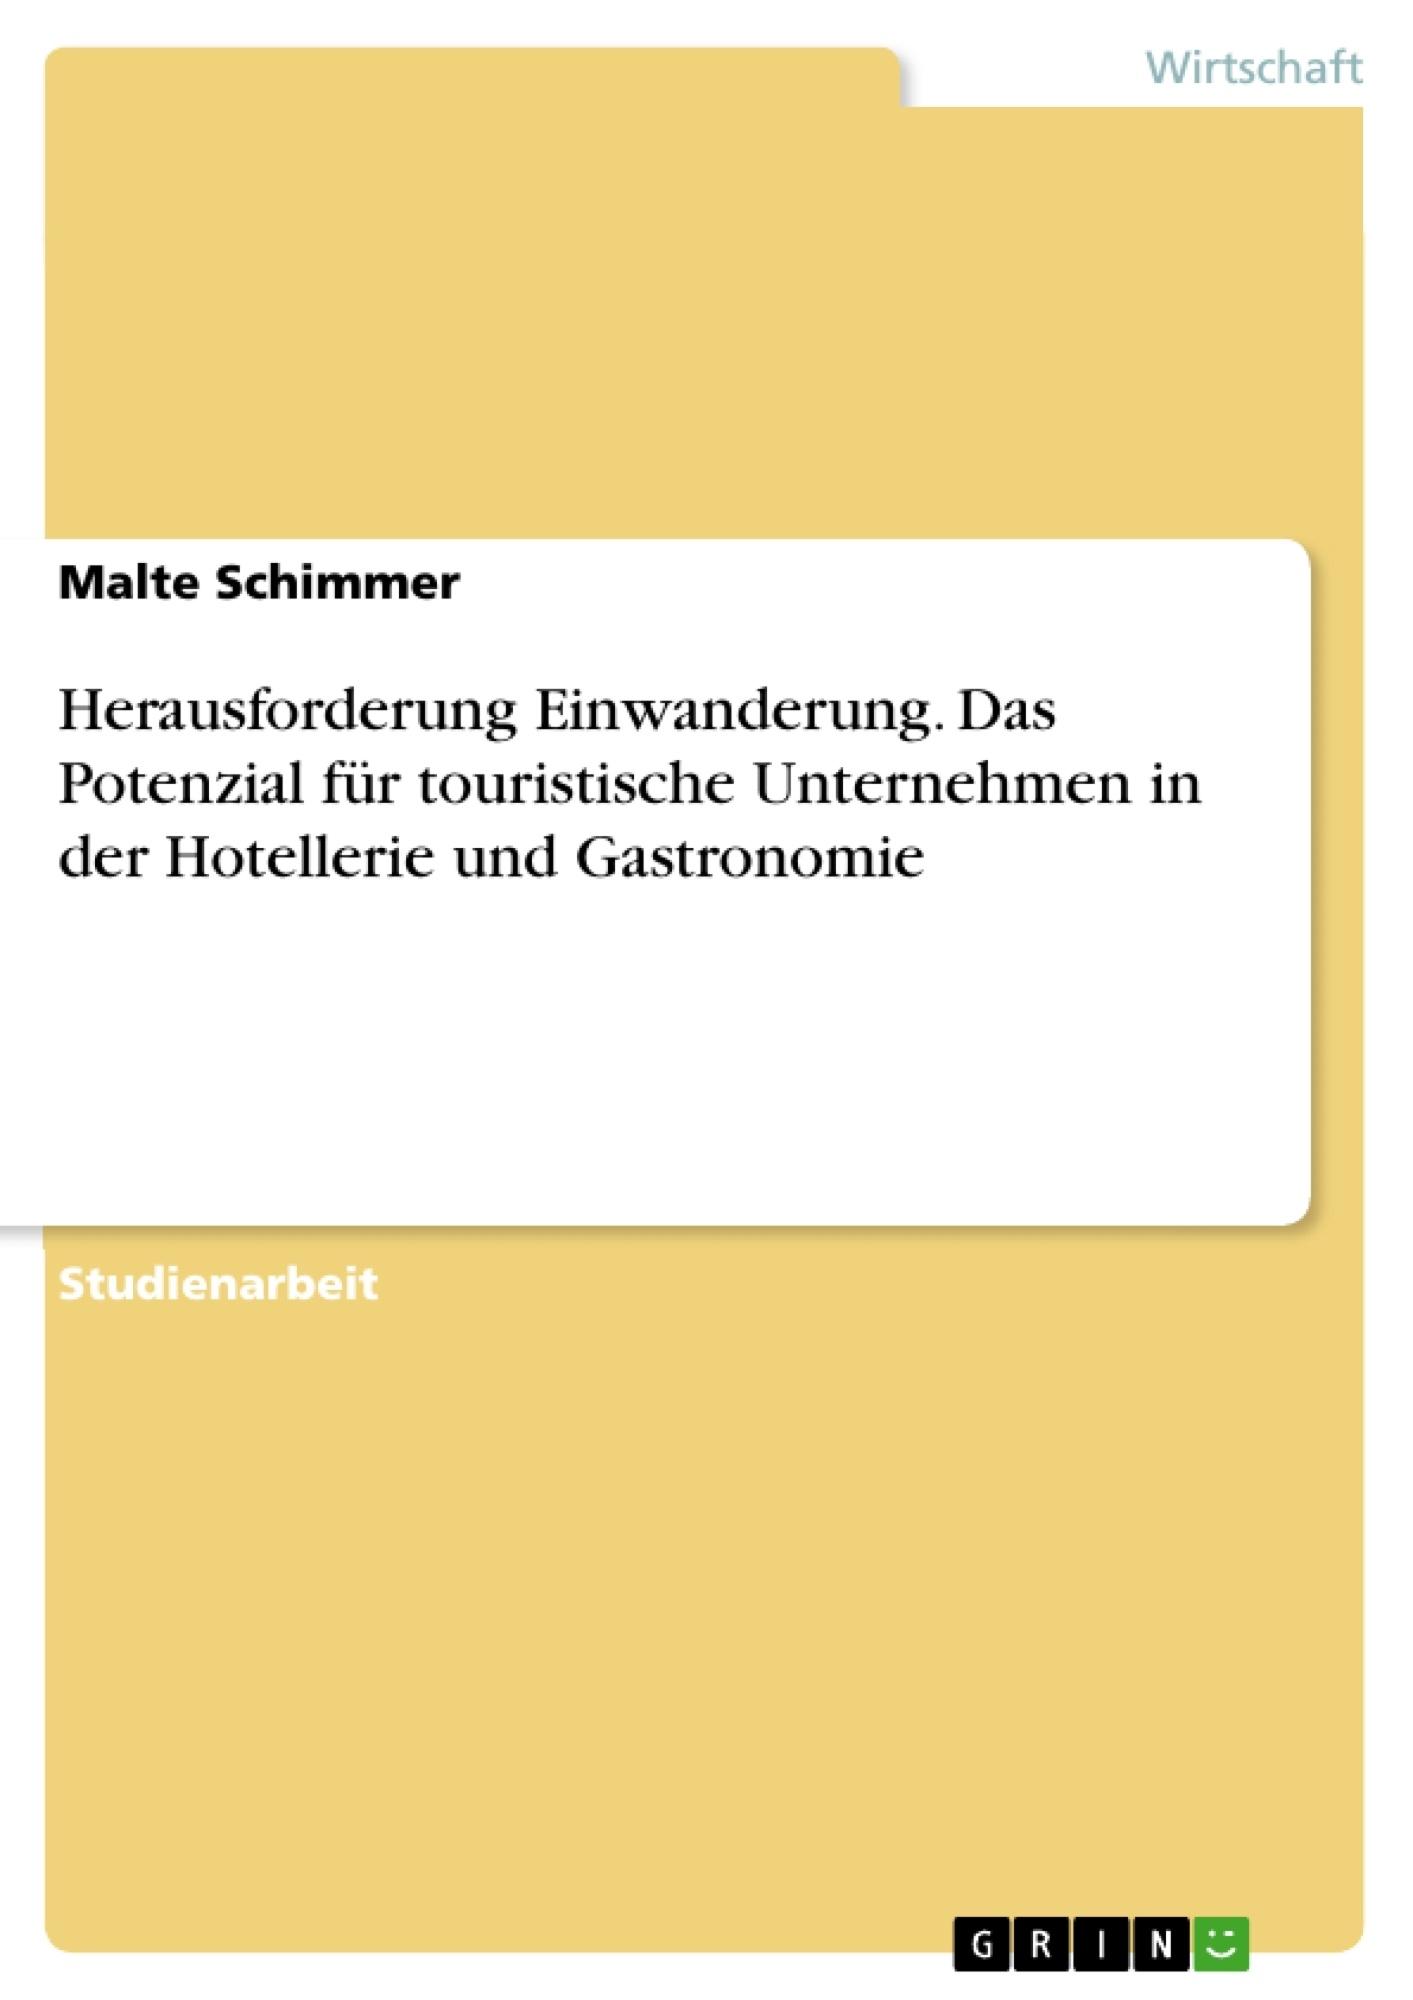 Titel: Herausforderung Einwanderung. Das Potenzial für touristische Unternehmen in der Hotellerie und Gastronomie